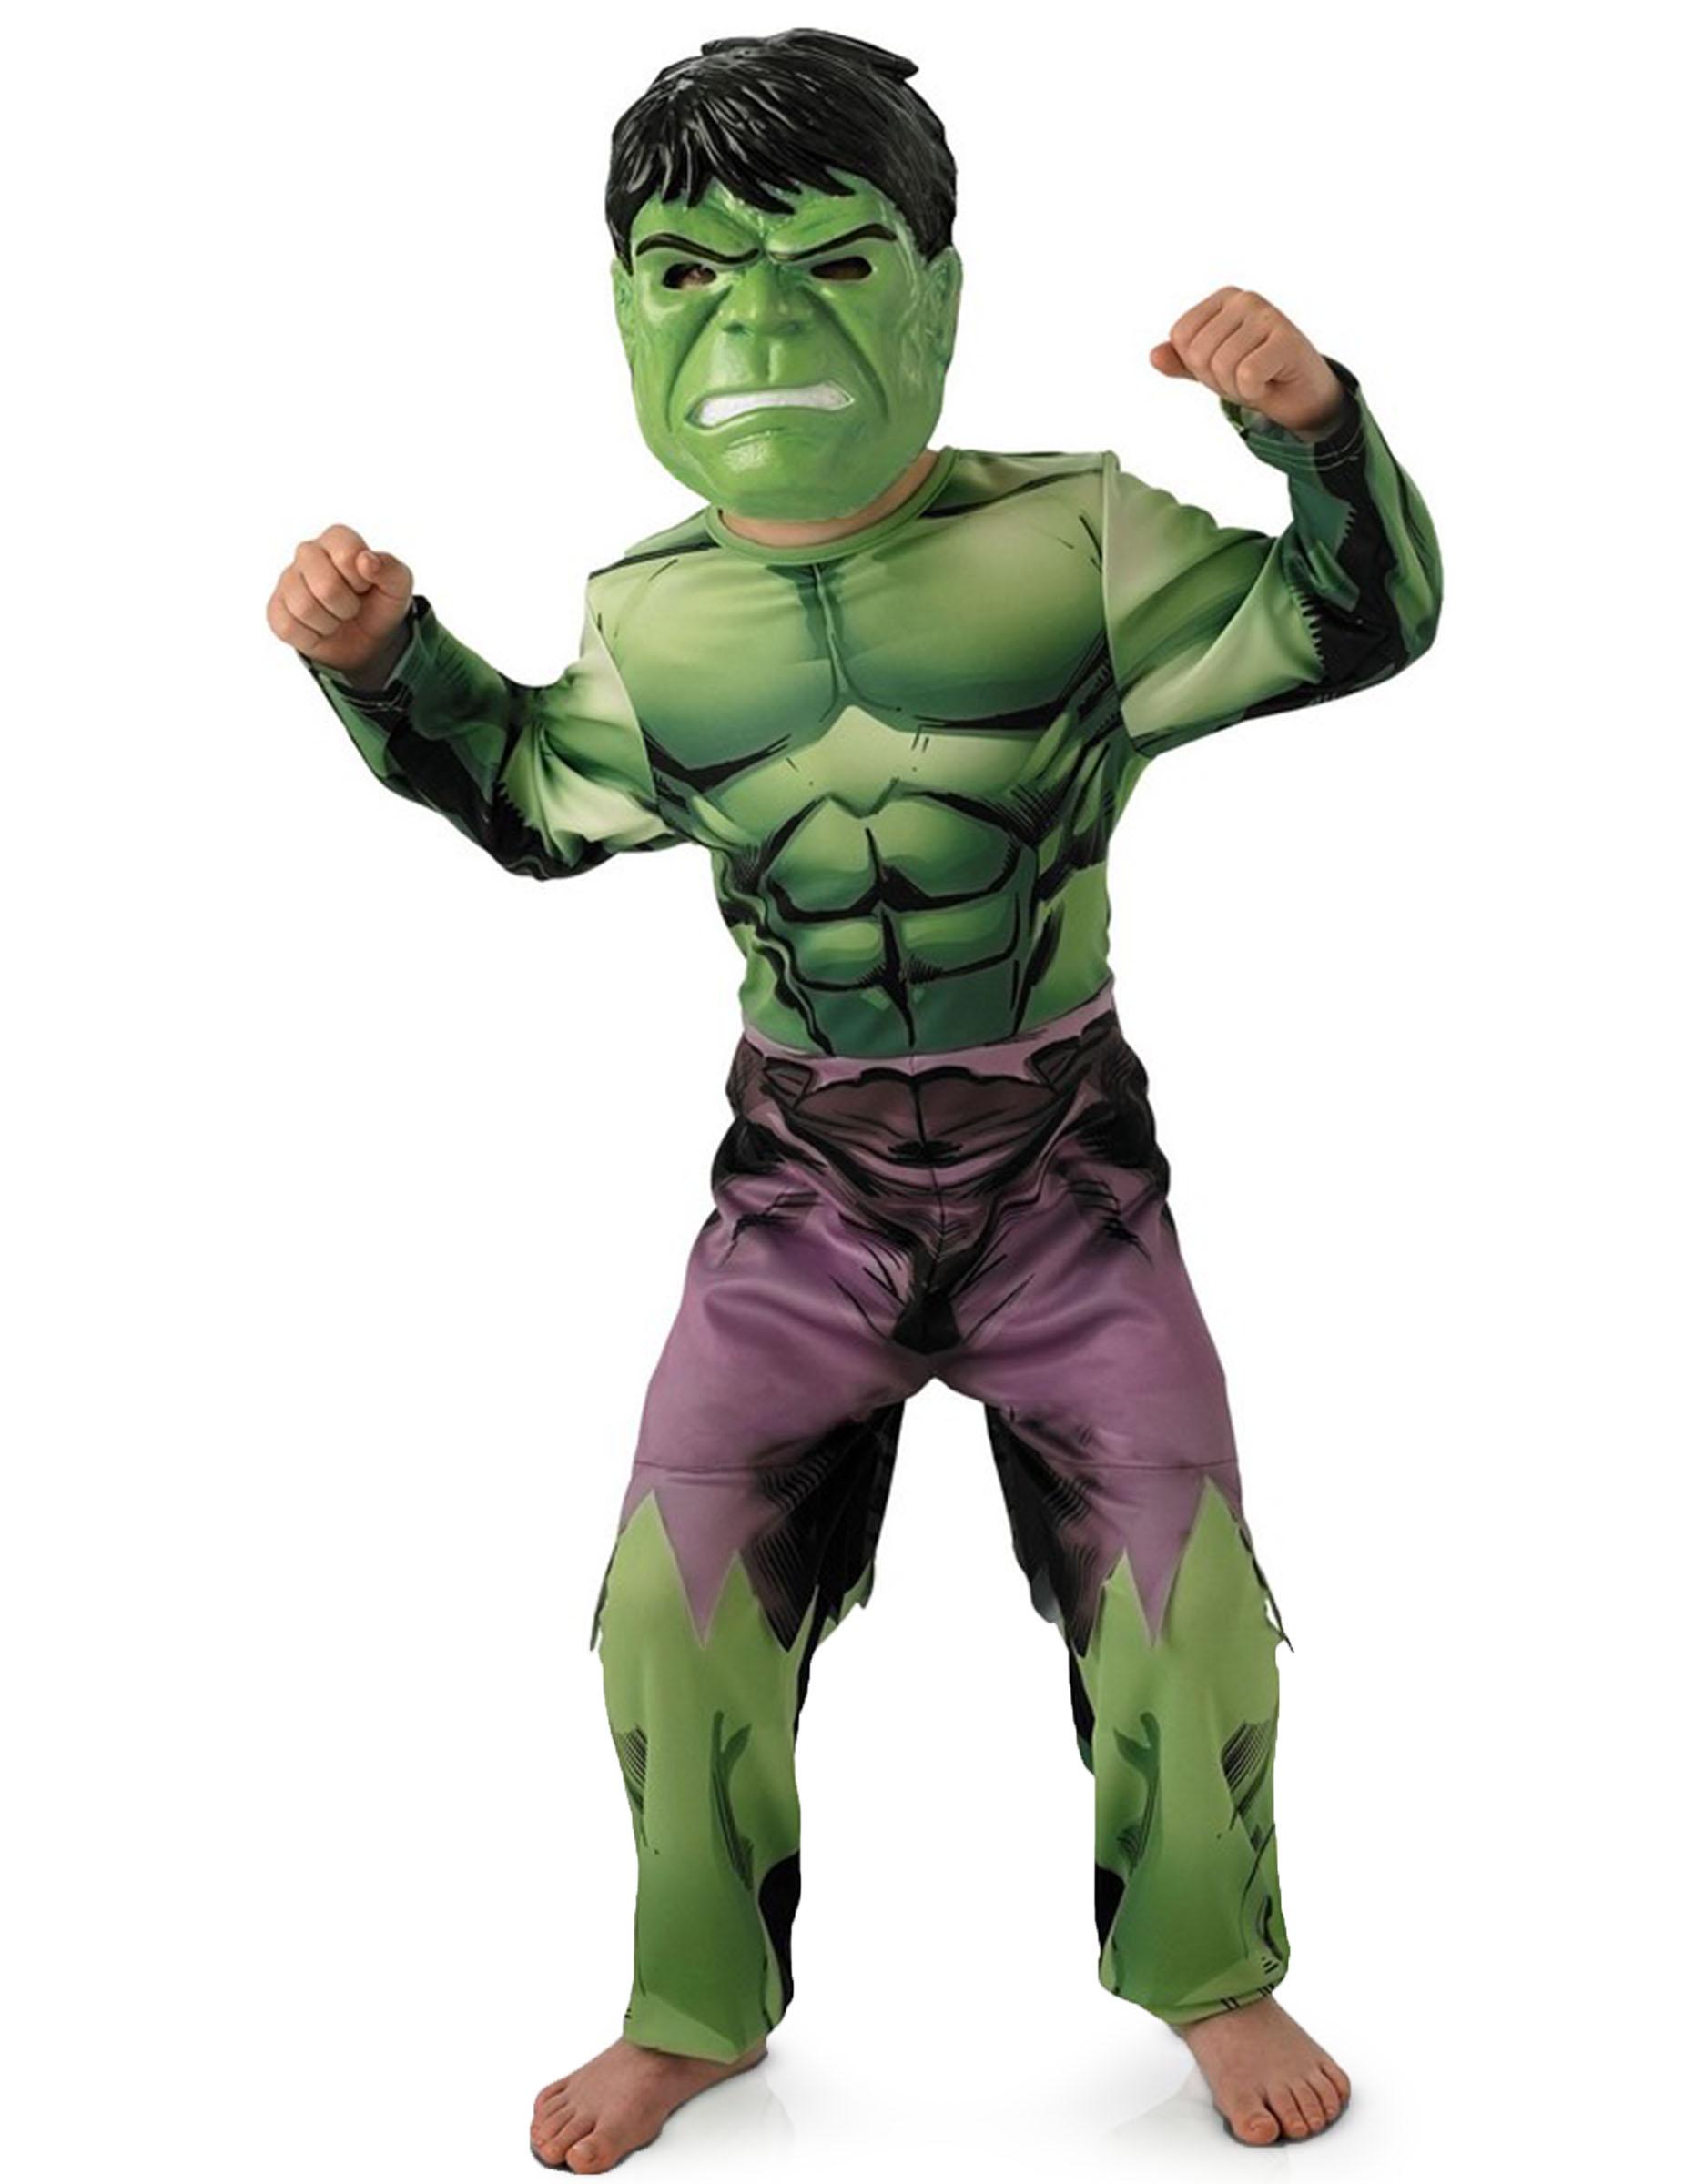 klassisches avengers hulk kost m f r kinder kost me f r kinder und g nstige faschingskost me. Black Bedroom Furniture Sets. Home Design Ideas